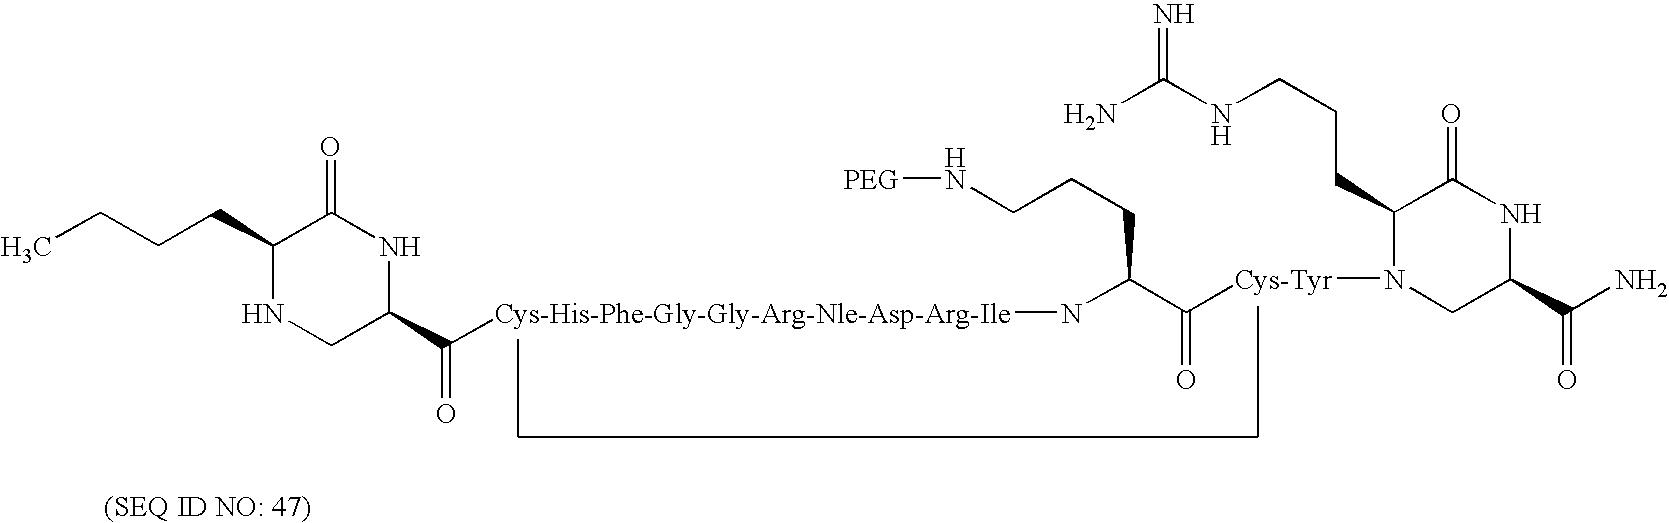 Figure US07622440-20091124-C00393